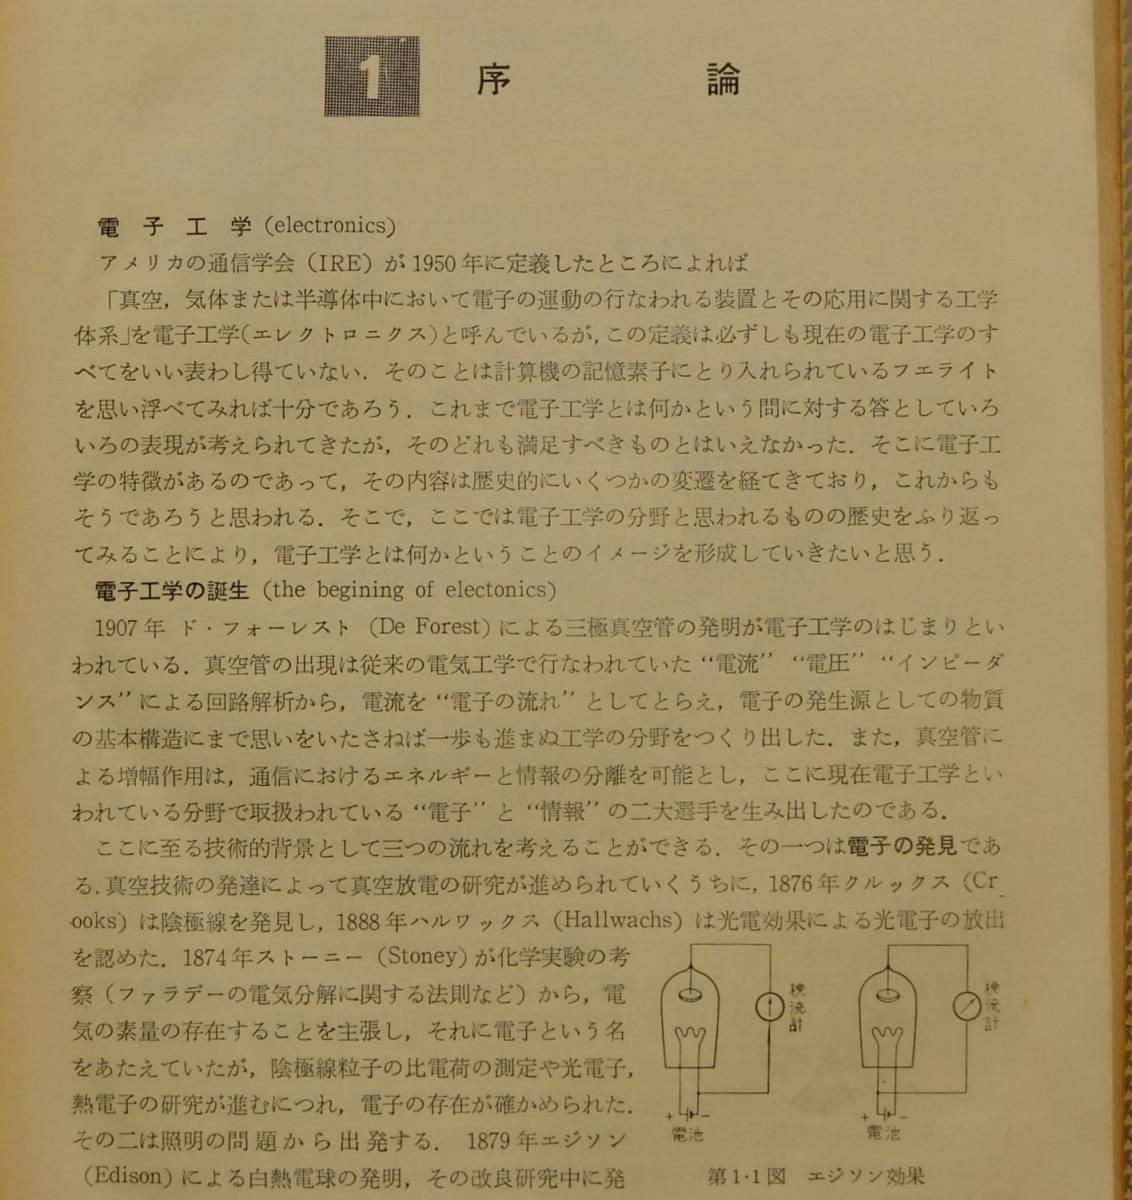 電気理論Ⅰ。Ⅱ。情報処理システム。自動制御の基礎と応用。電気材料および部品。電子工学編。初歩の電気機器。7冊。_電子工学